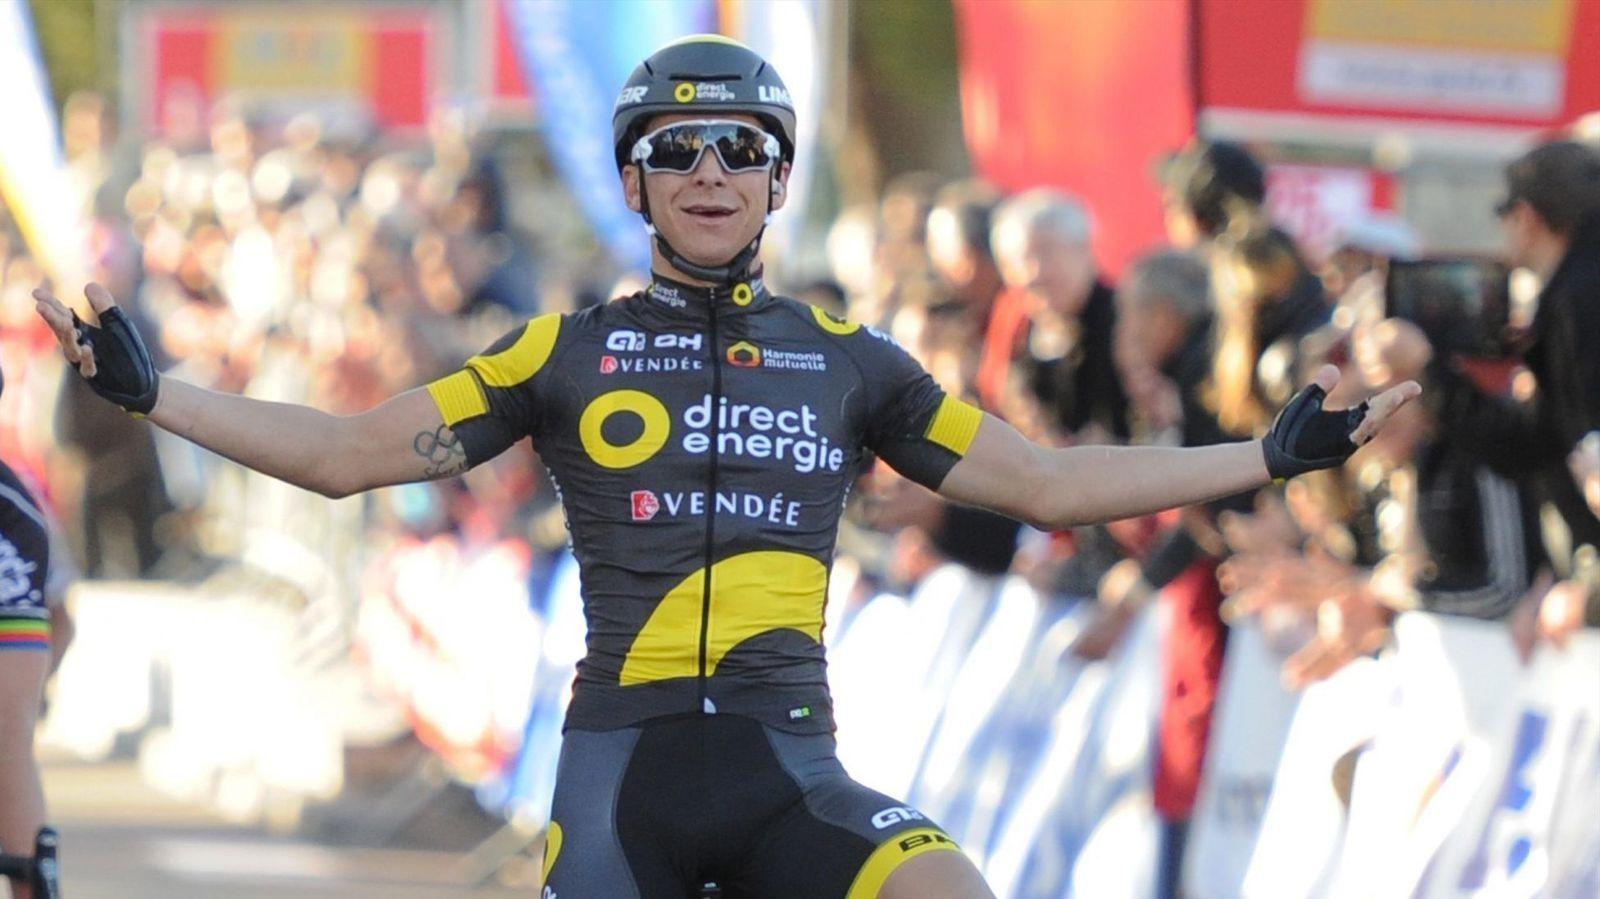 TOUR DE FRANCE 2016 - Ce lundi, à l'occasion de la 3e étape, l'équipe Direct Energie a tenu à rendre hommage à Romain Guyot, décédé en mars dernier, en arborant un maillot spécial. Le nom du coureur, originaire d'Angers, a été ajouté sur la manche droite...